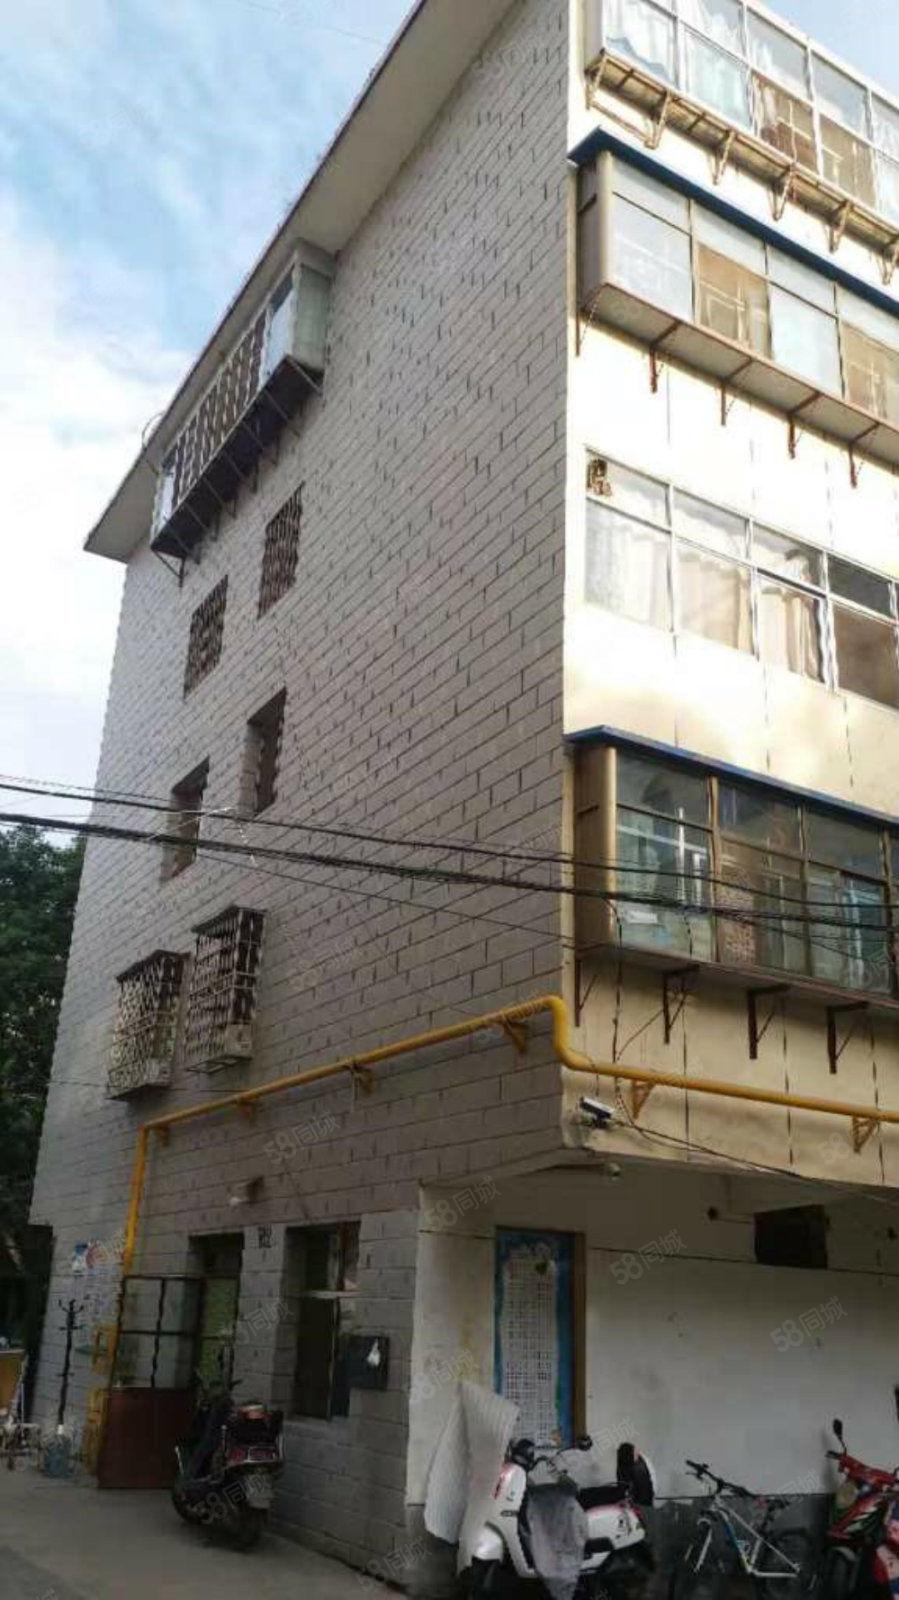 十中附近3樓出租三室兩廳一衛上學生活都很方便